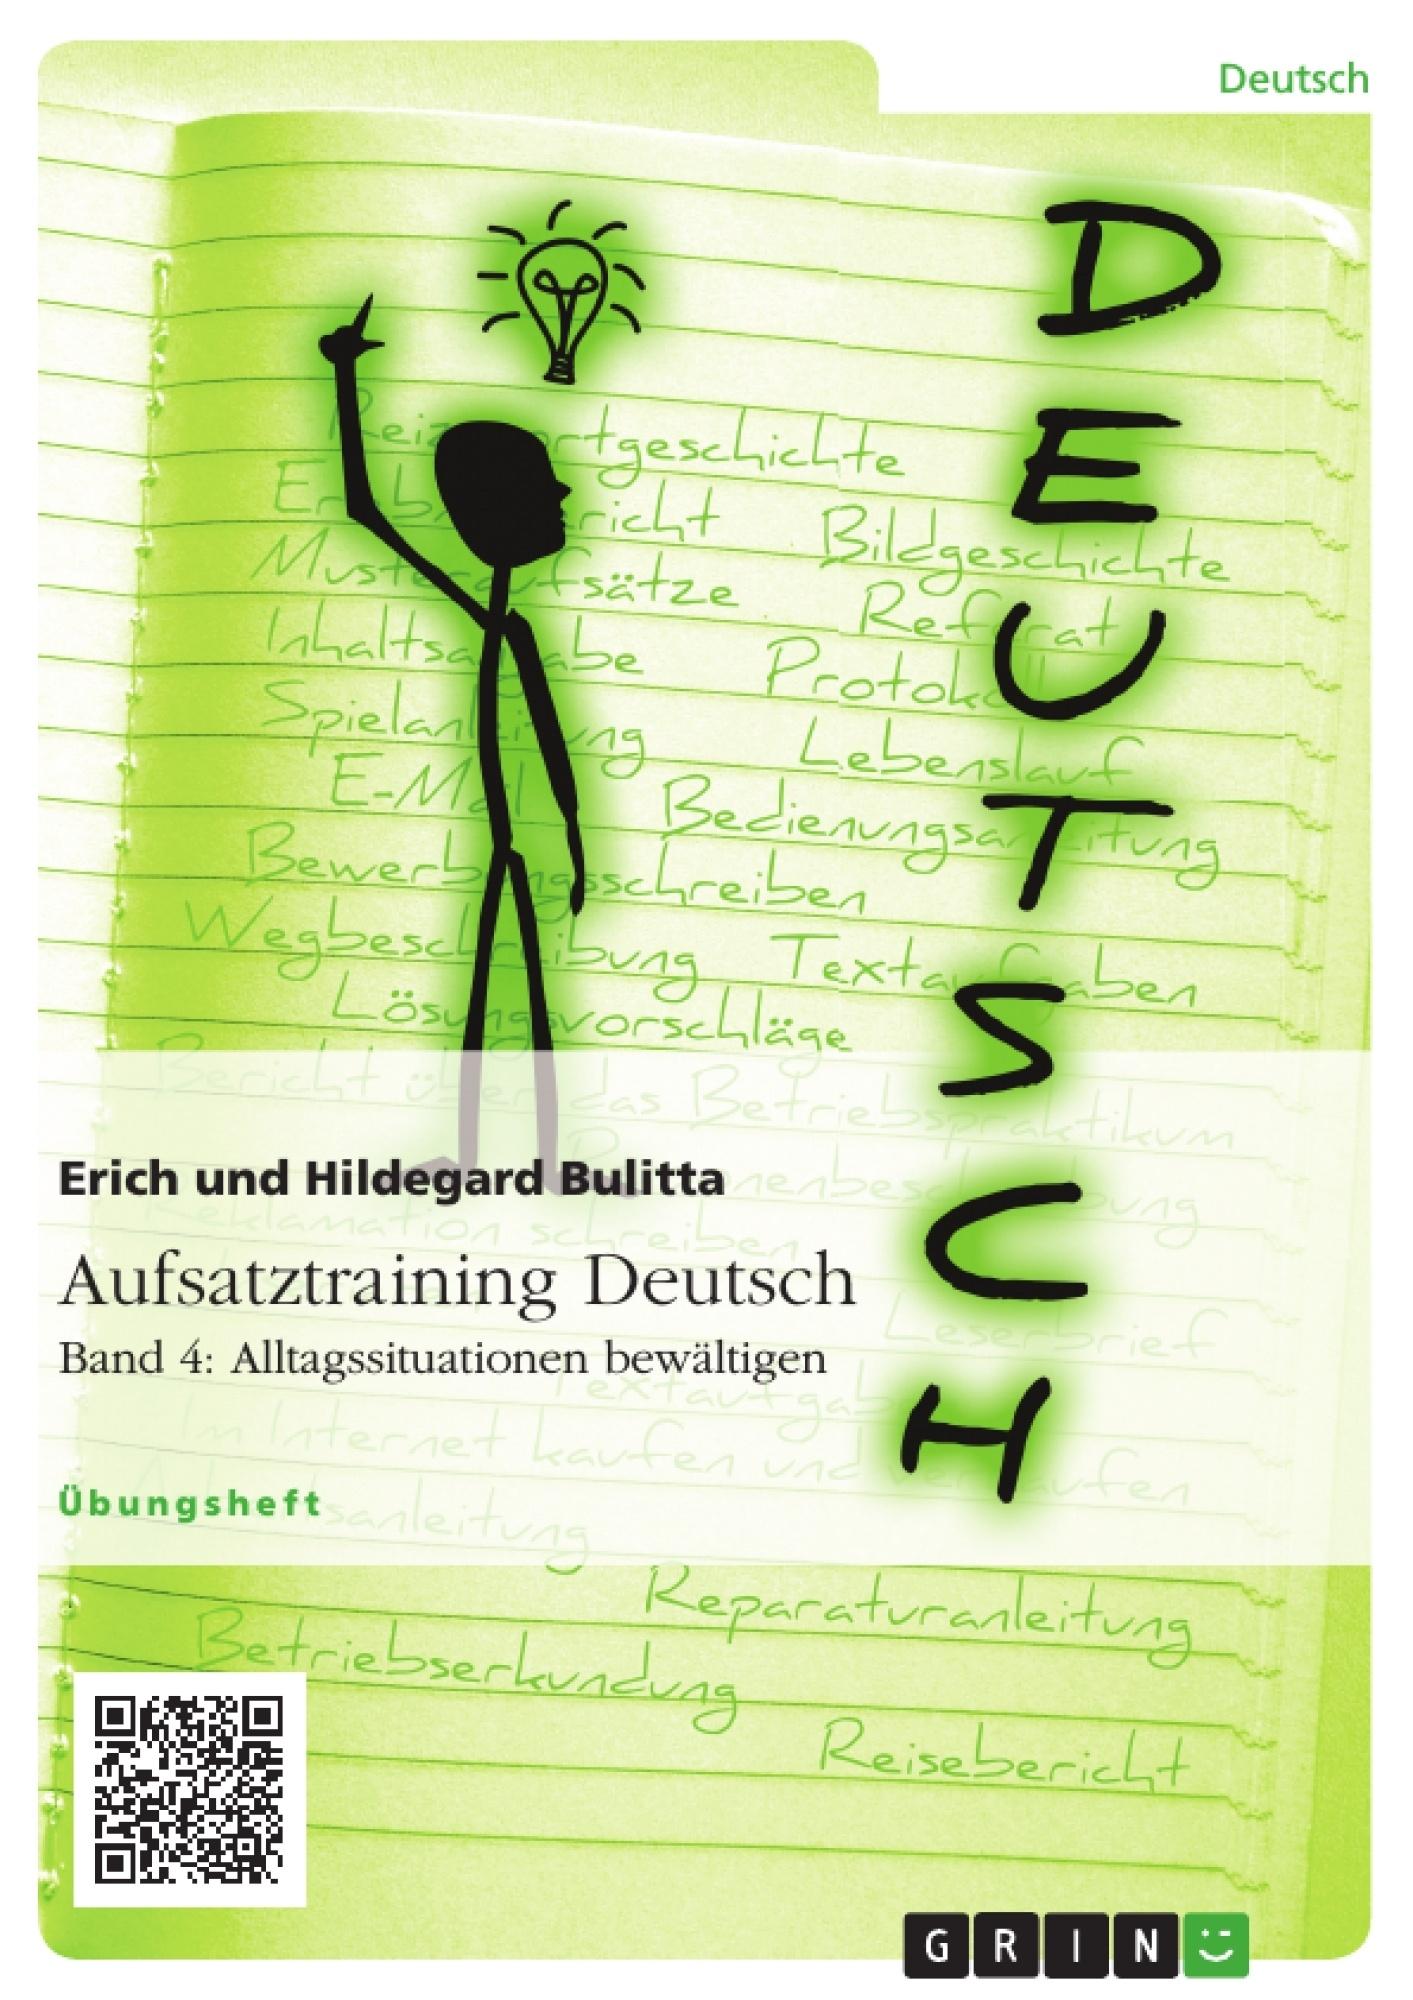 Aufsatztraining Deutsch - Band 4: Alltagssituationen bewältigen |  Masterarbeit, Hausarbeit, Bachelorarbeit veröffentlichen